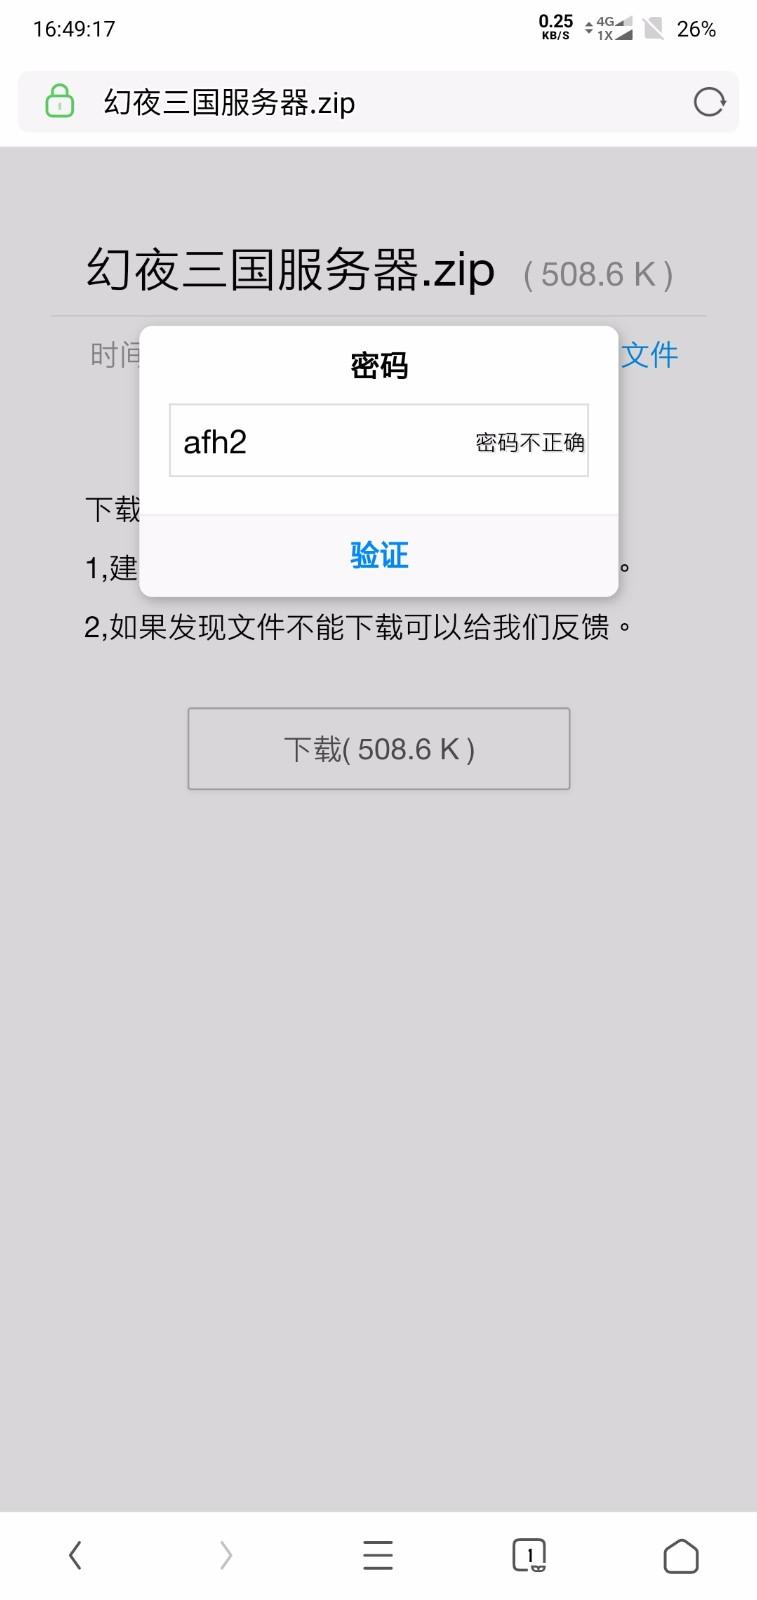 Screenshot_20200112-164917.jpg